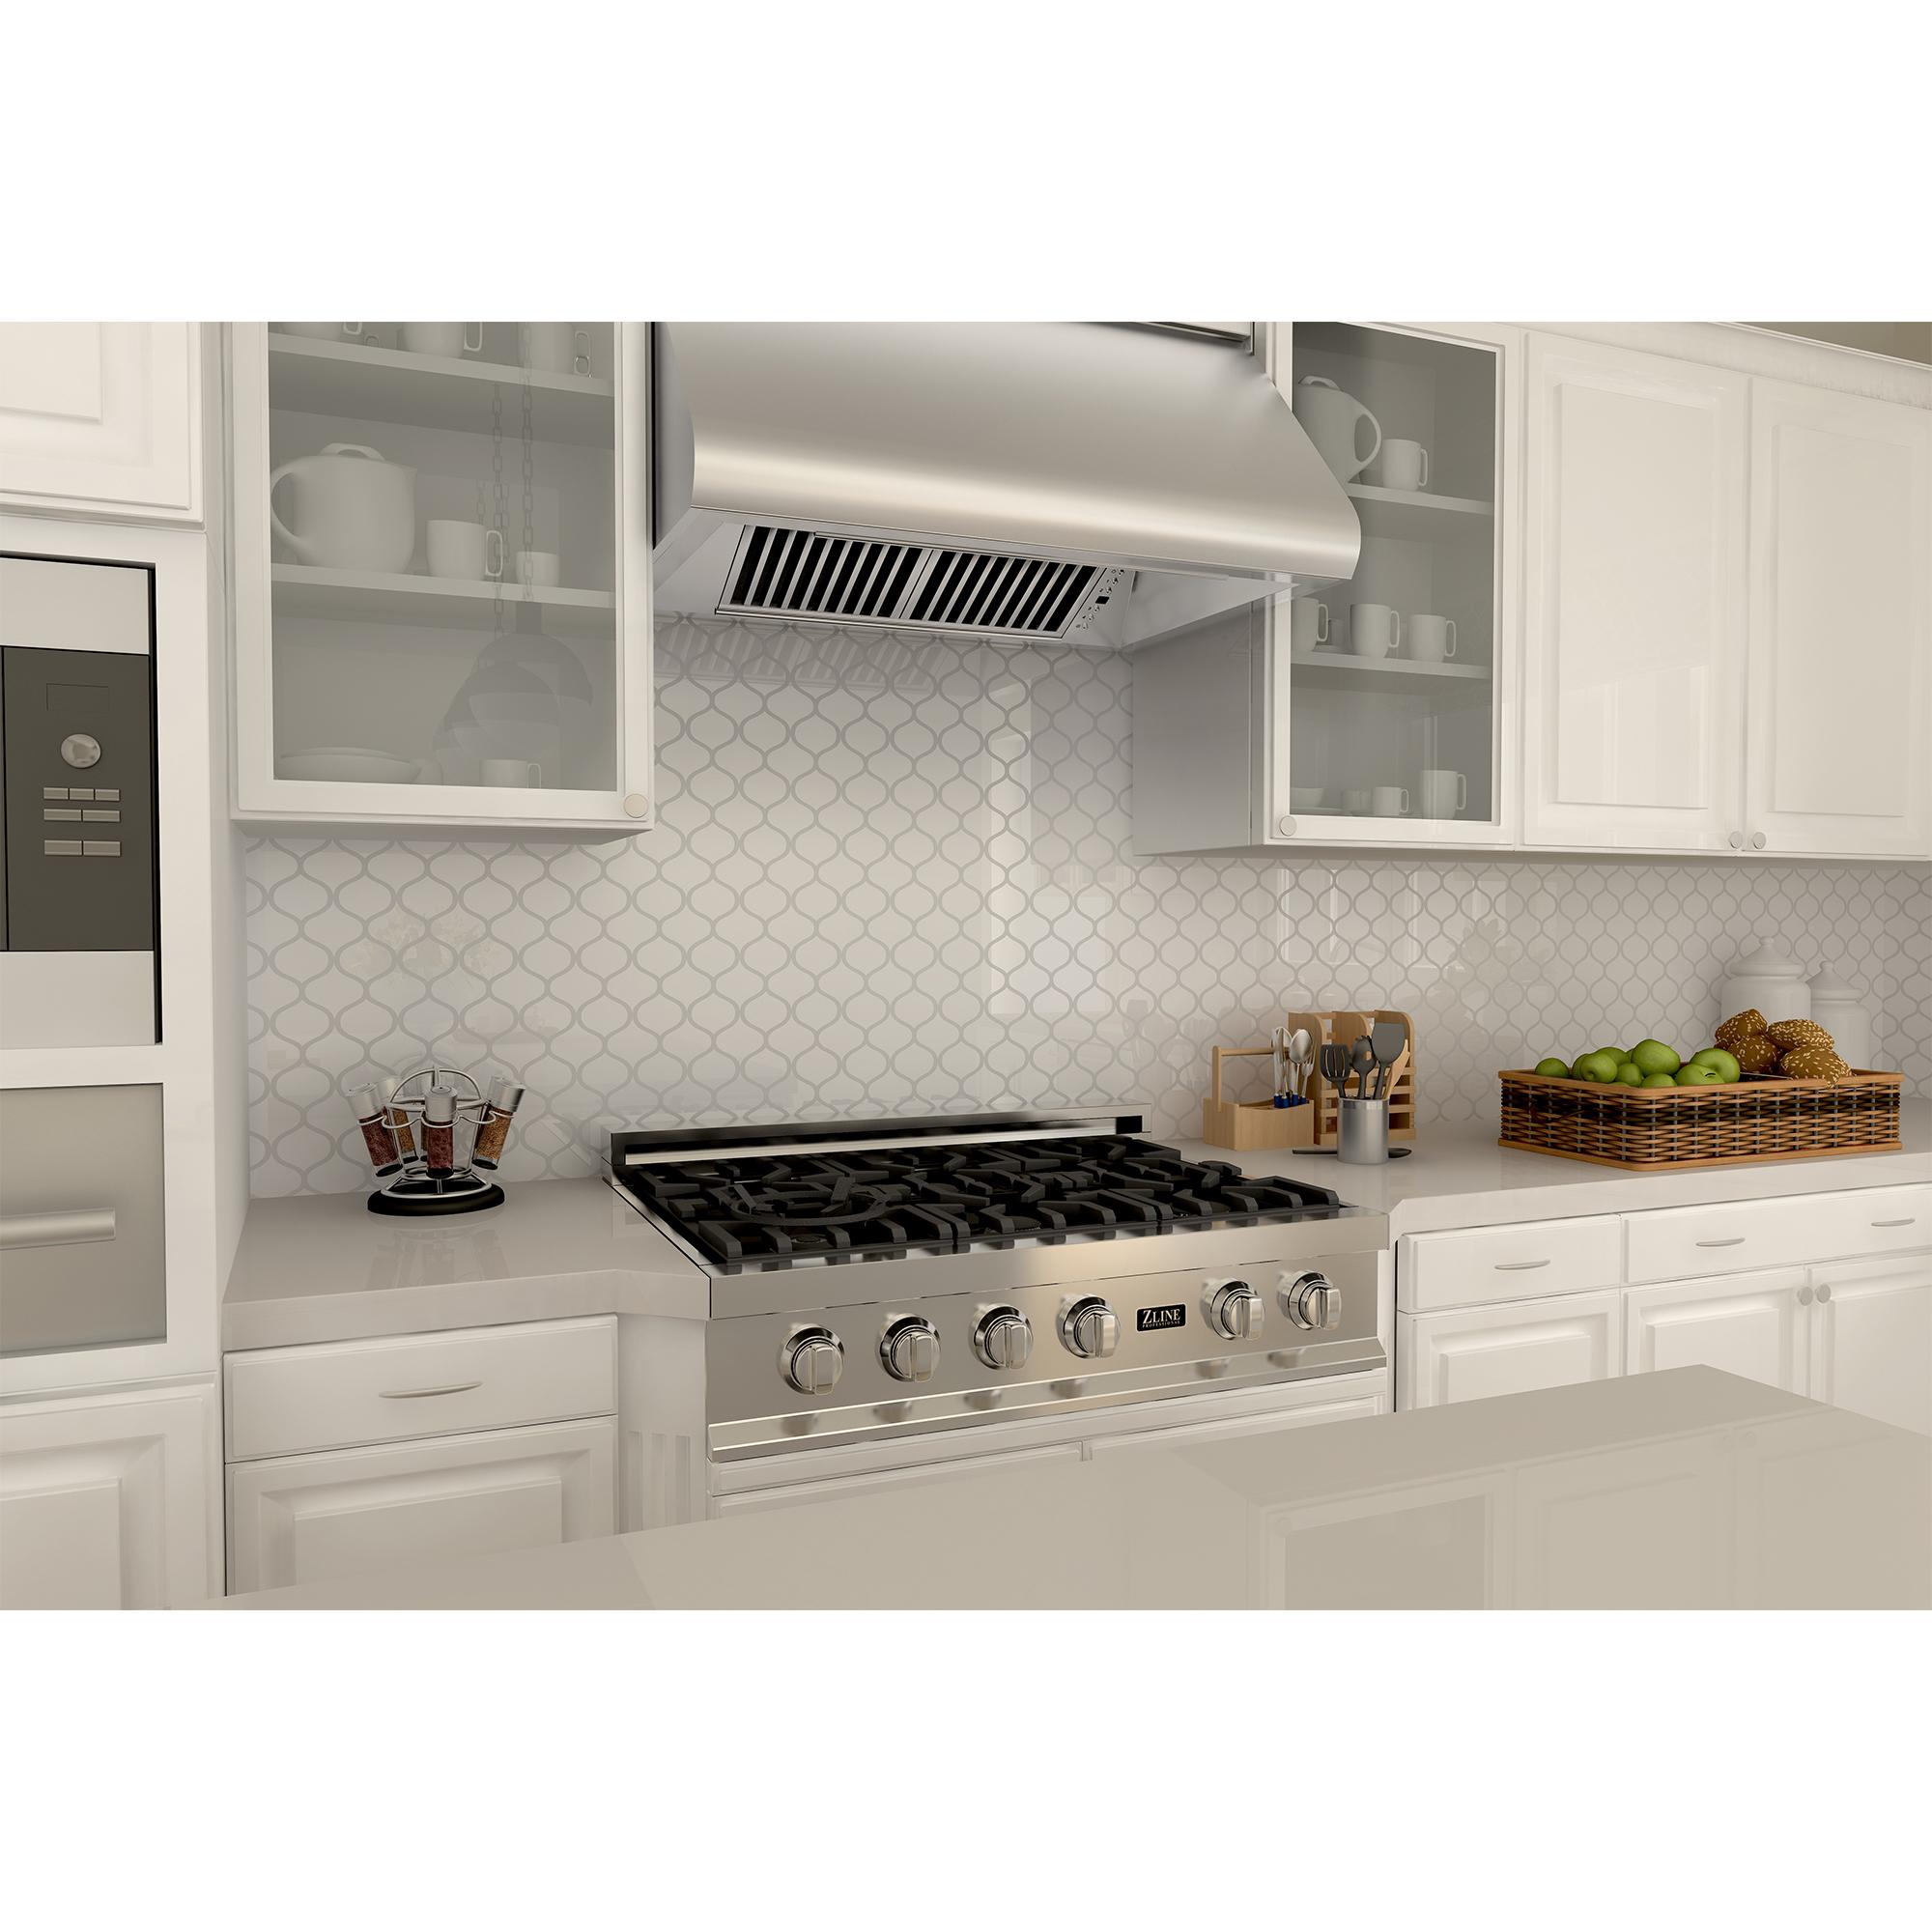 zline-stainless-steel-under-cabinet-range-hood-527-kitchen-updated-2.jpg